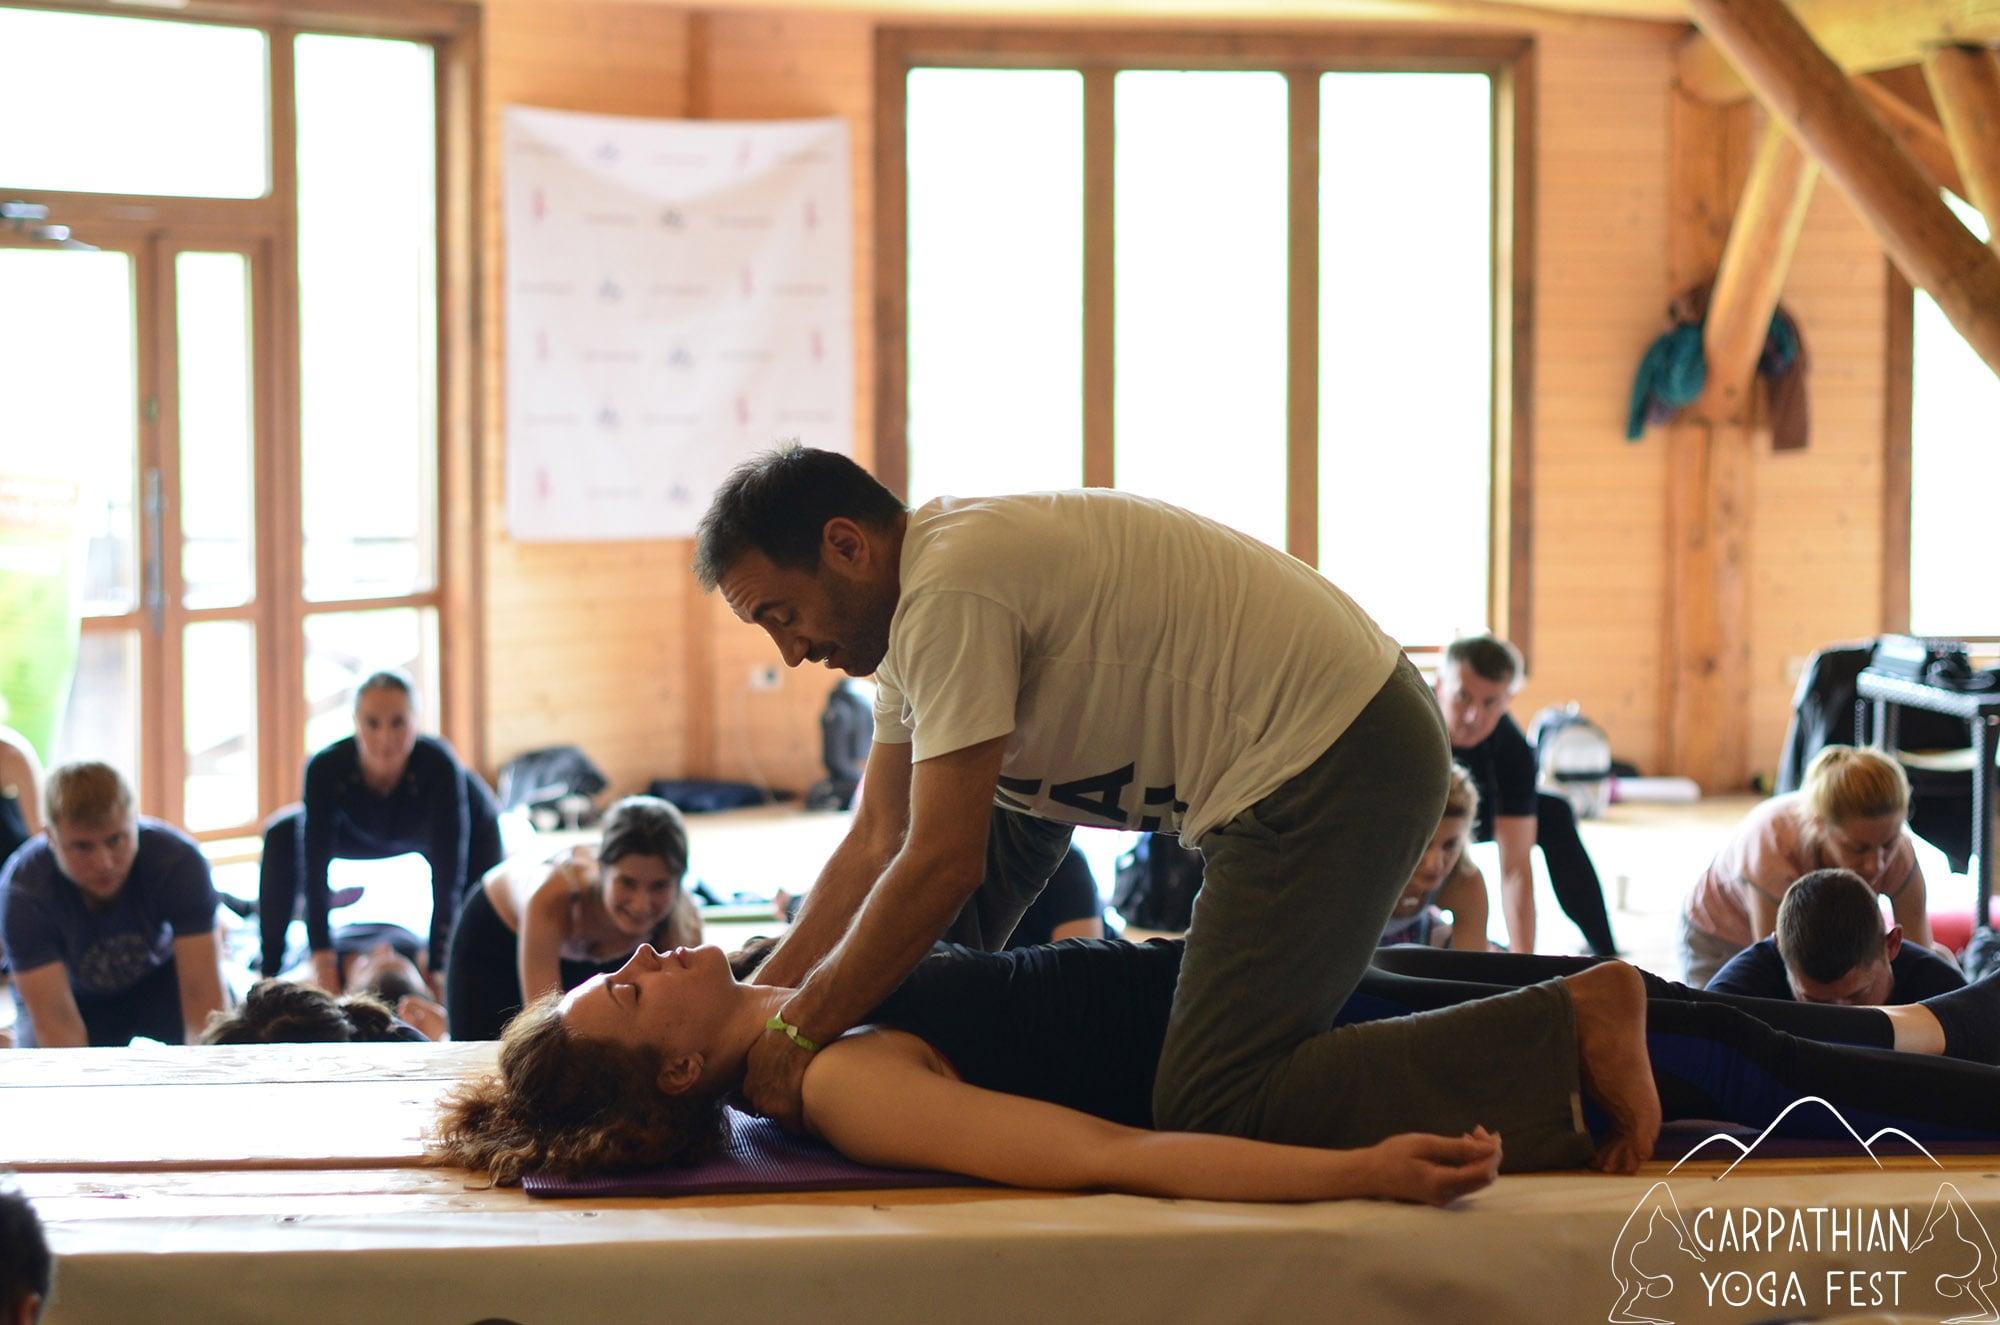 tayskiy massazh na karpatskom festivale yogi (2)-min